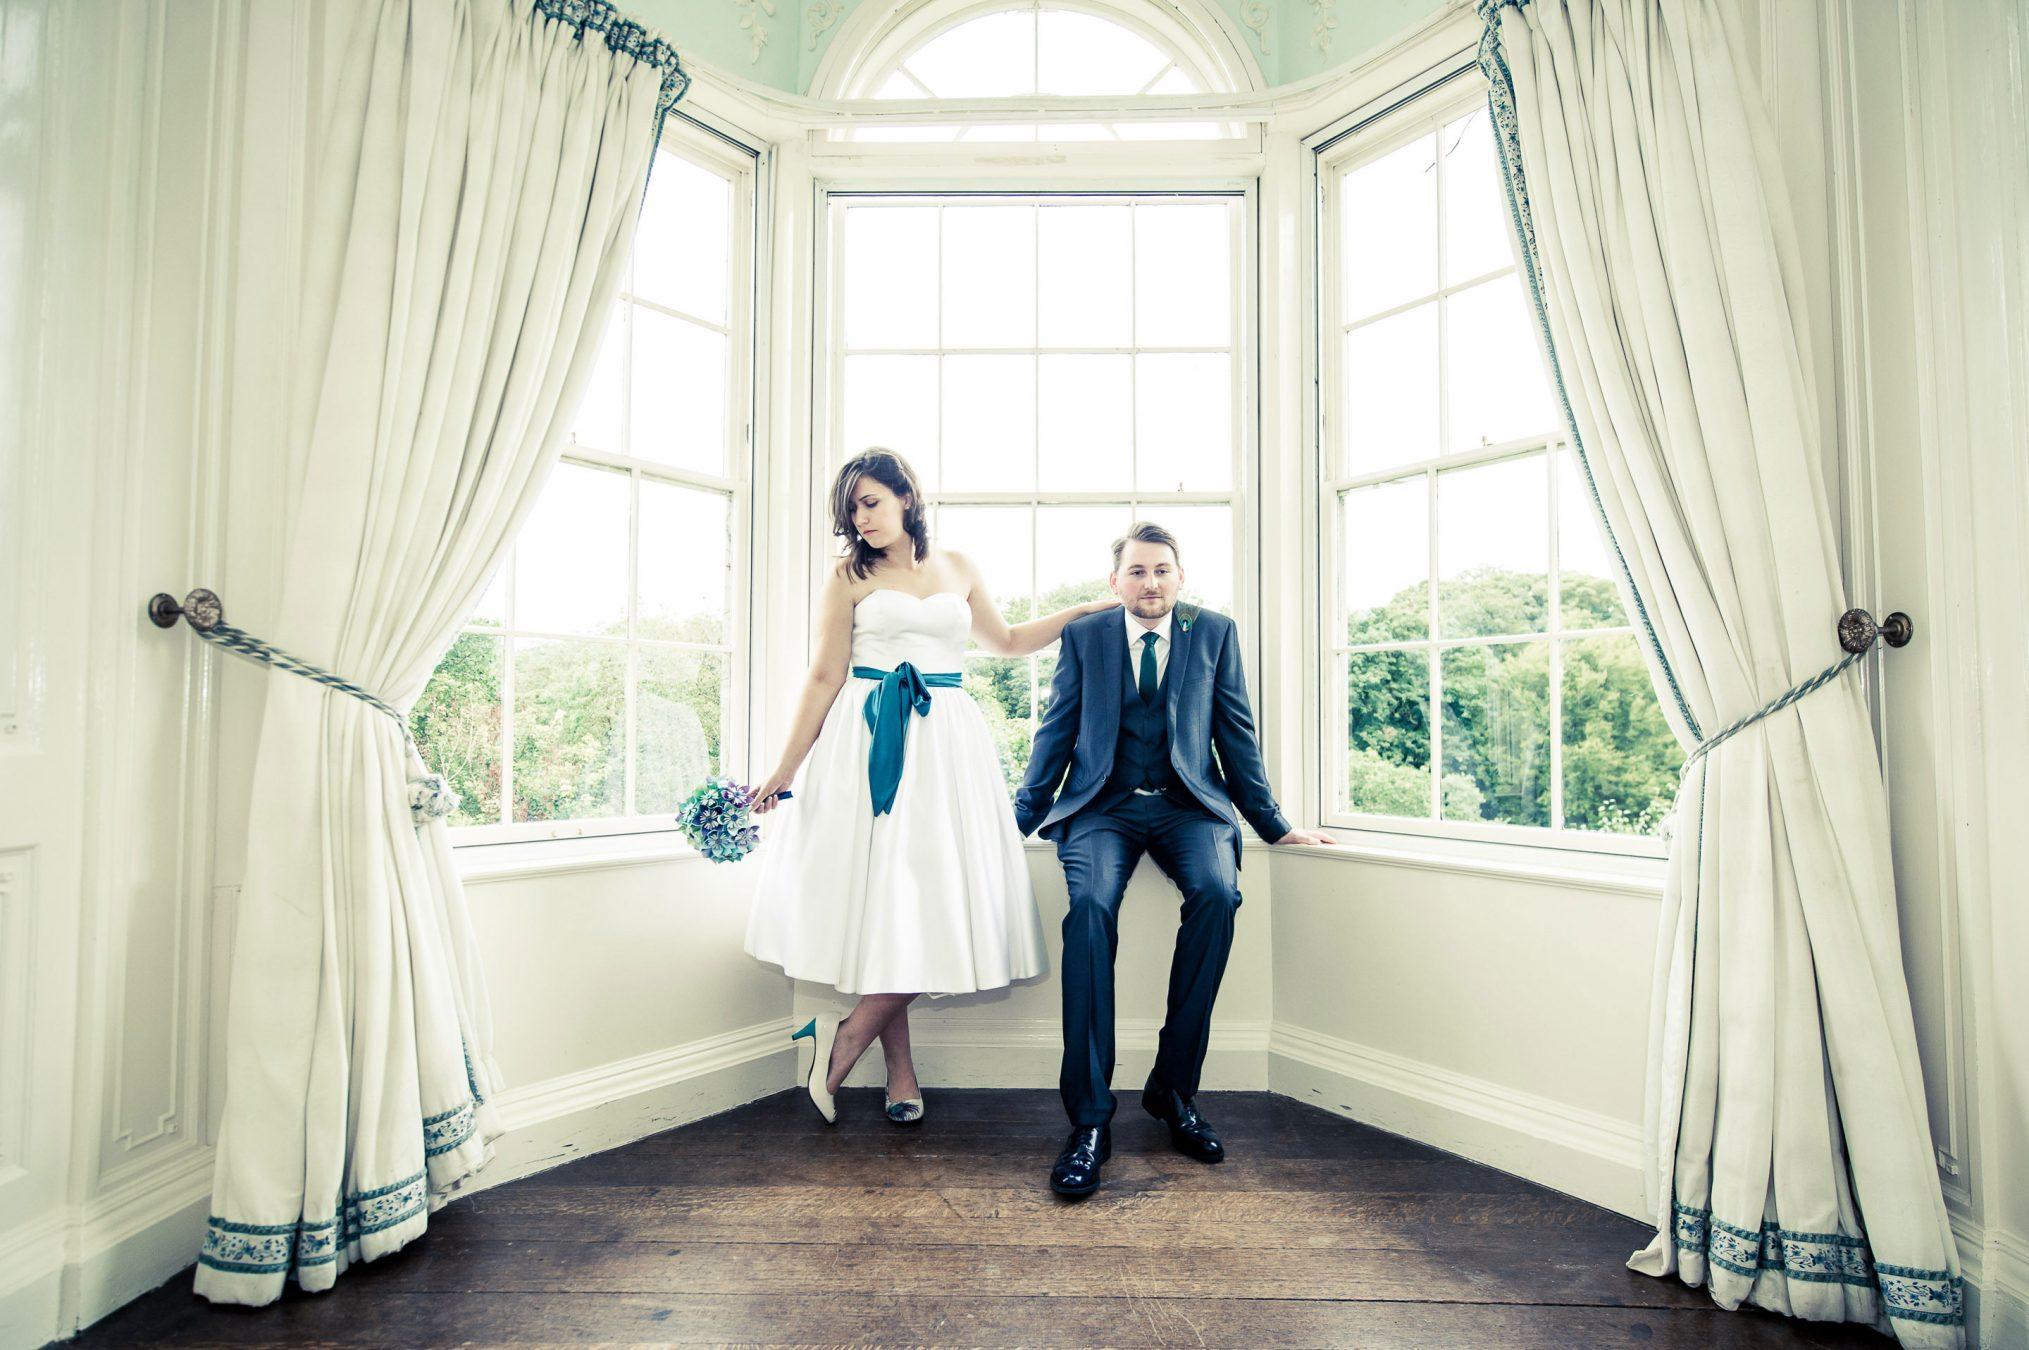 bride-and-groom-at-fonmon-castle-wedding-venue